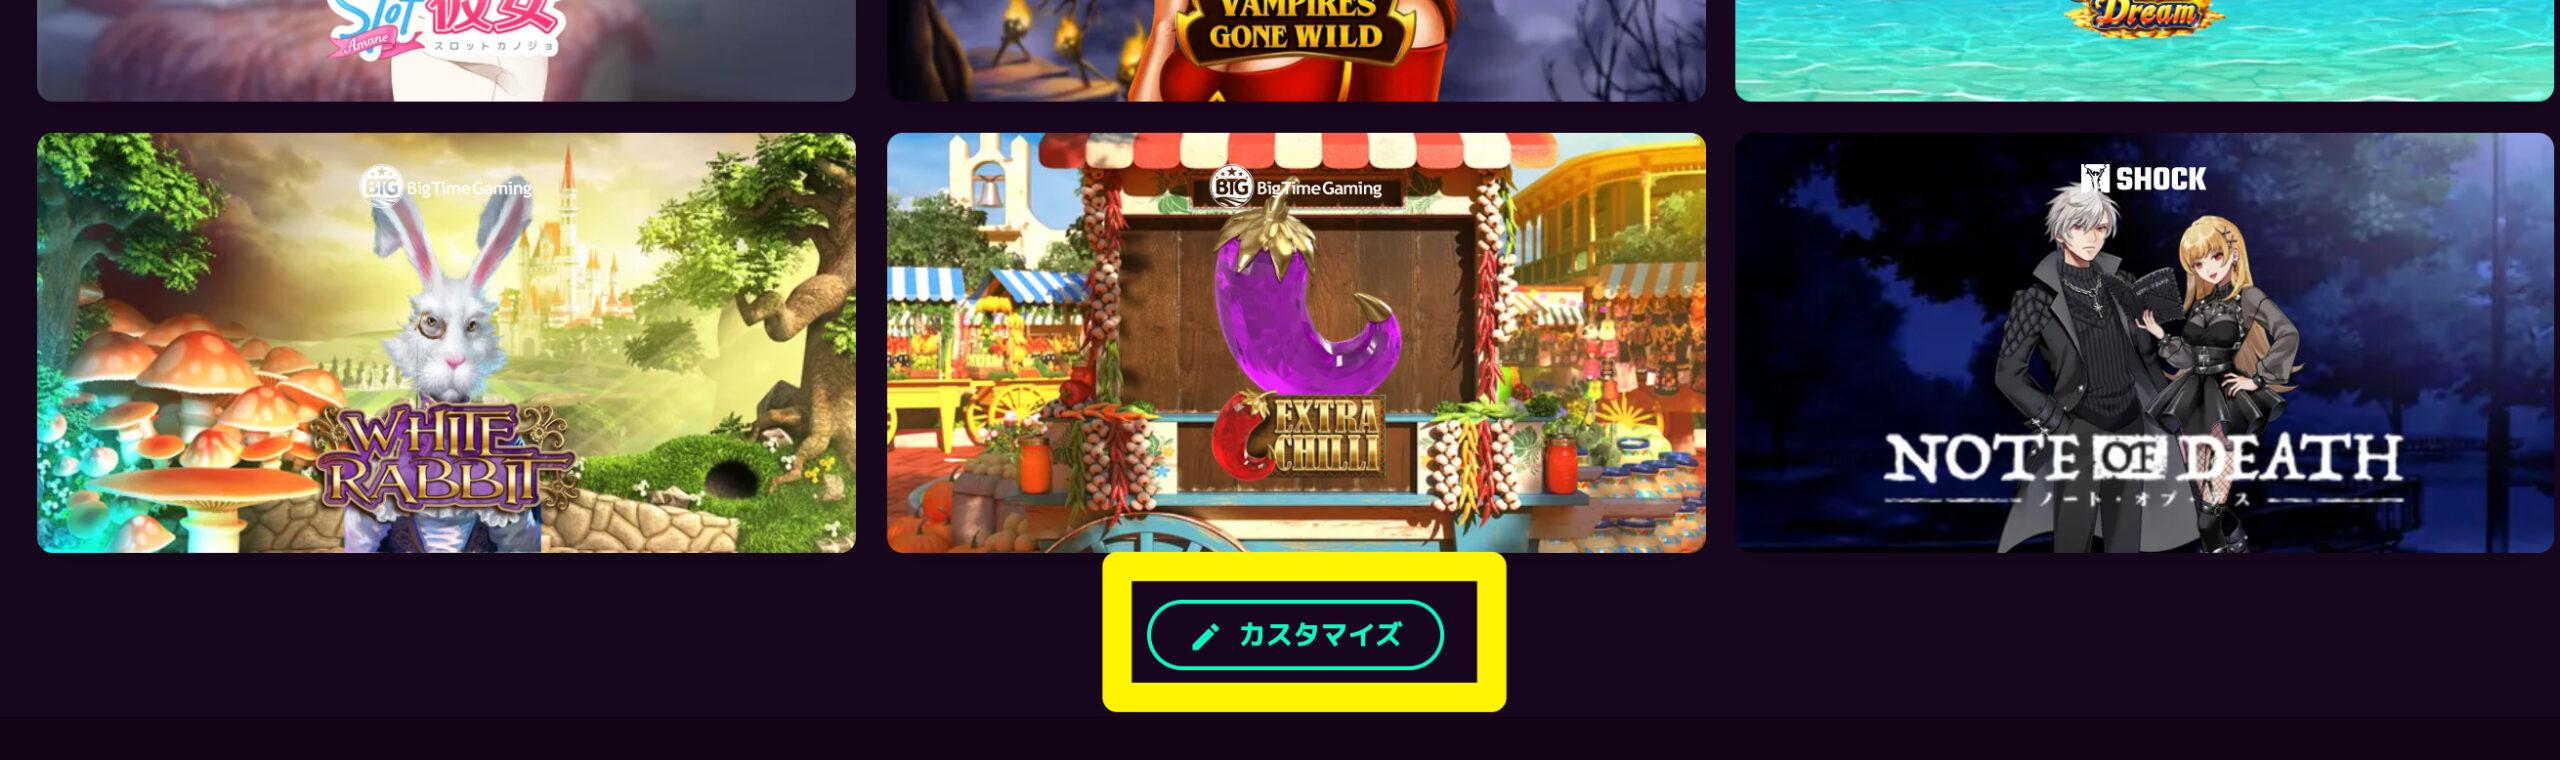 カジノミー マイゲーム追加方法